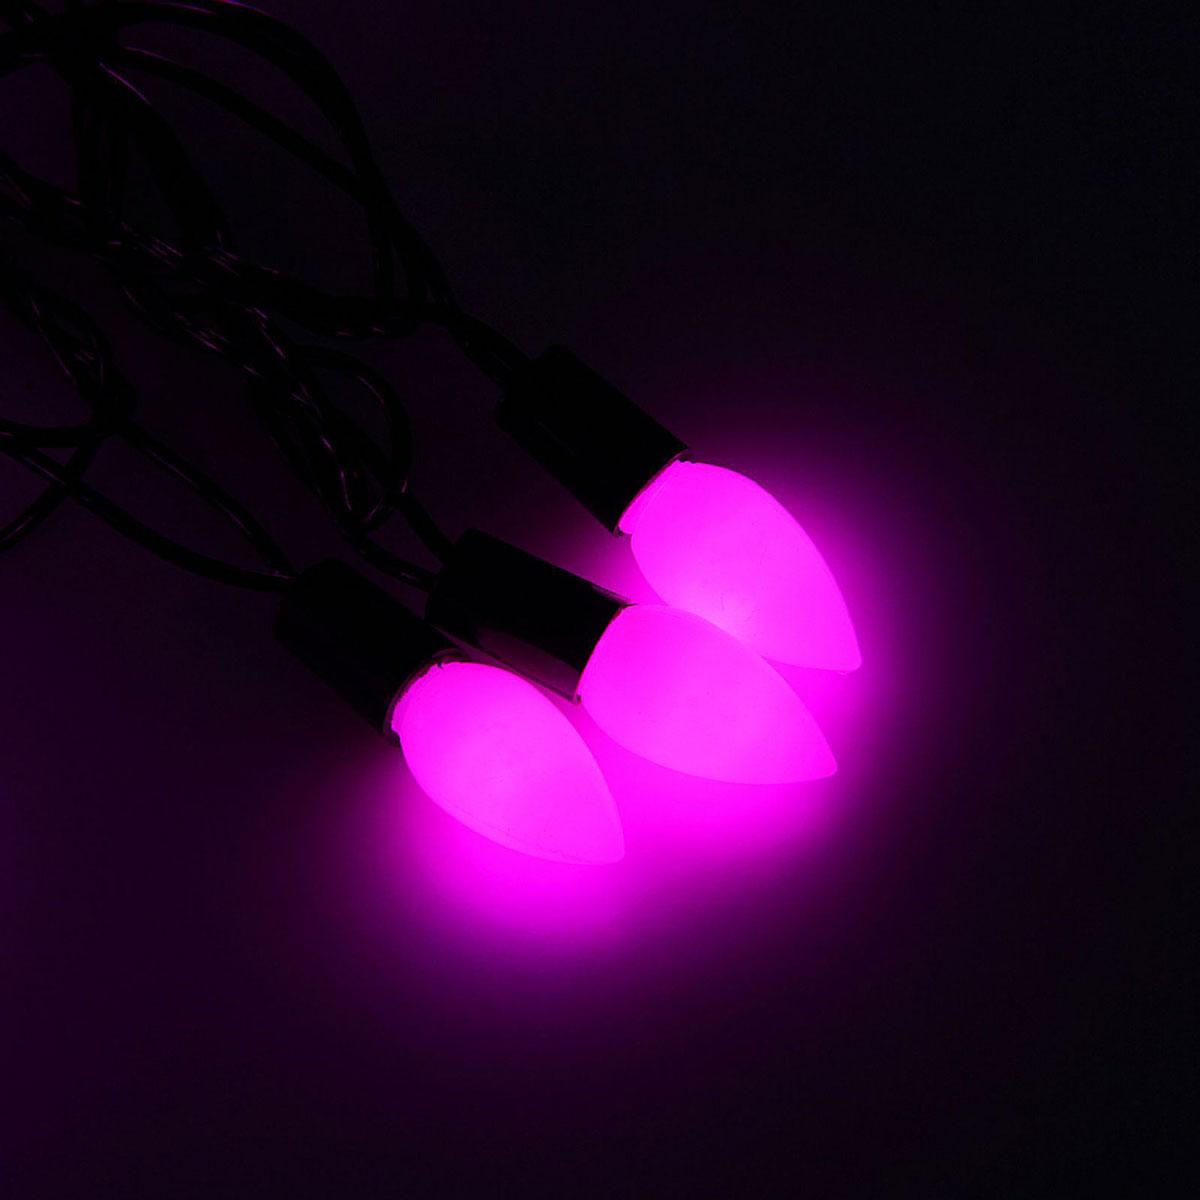 Гирлянда светодиодная Luazon Метраж. Свечка матовая, уличная с насадкой, 8 режимов, 40 ламп, 220 V, 5 м, цвет: розовый. 10800871080087Светодиодные гирлянды, ленты и т.д. — это отличный вариант для новогоднего оформления интерьера или фасада. С их помощью помещение любого размера можно превратить в праздничный зал, а внешние элементы зданий, украшенные ими, мгновенно станут напоминать очертания сказочного дворца. Такие украшения создают ауру предвкушения чуда. Деревья, фасады, витрины, окна и арки будто специально созданы, чтобы вы украсили их светящимися нитями.